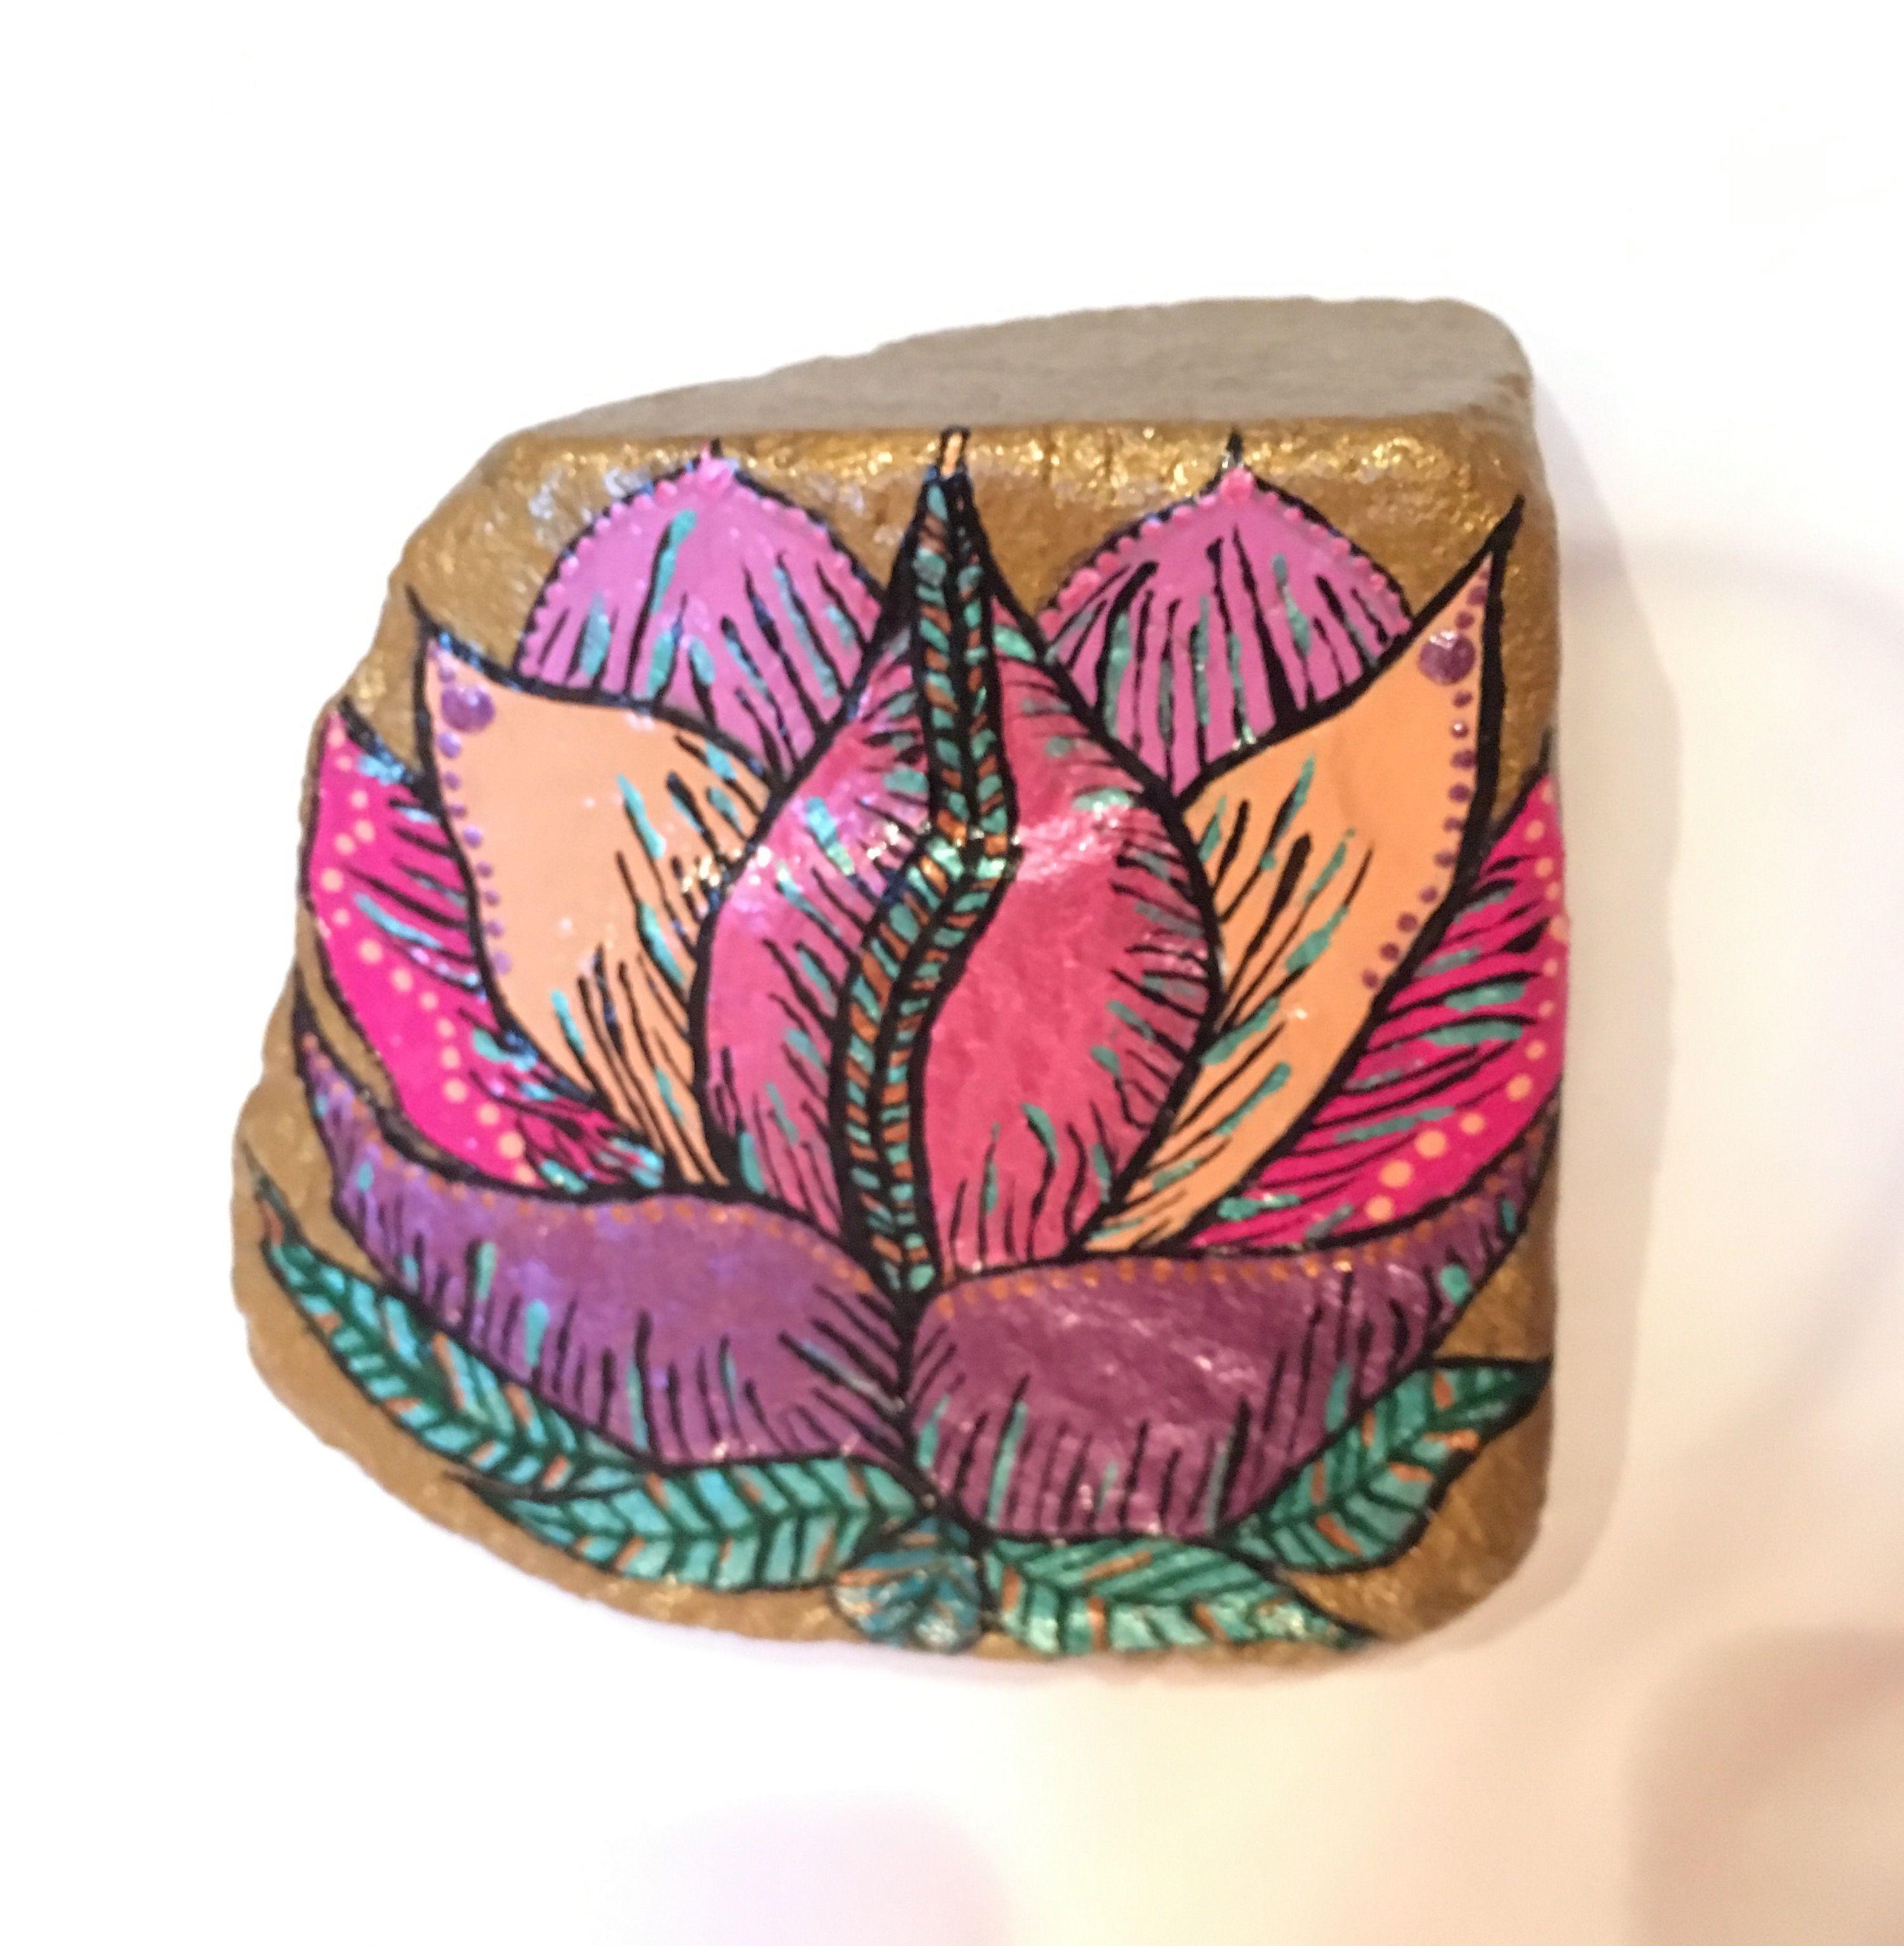 Lotus Flower Rock Hudsonrockz For Sale Pinterest Lotus Flower